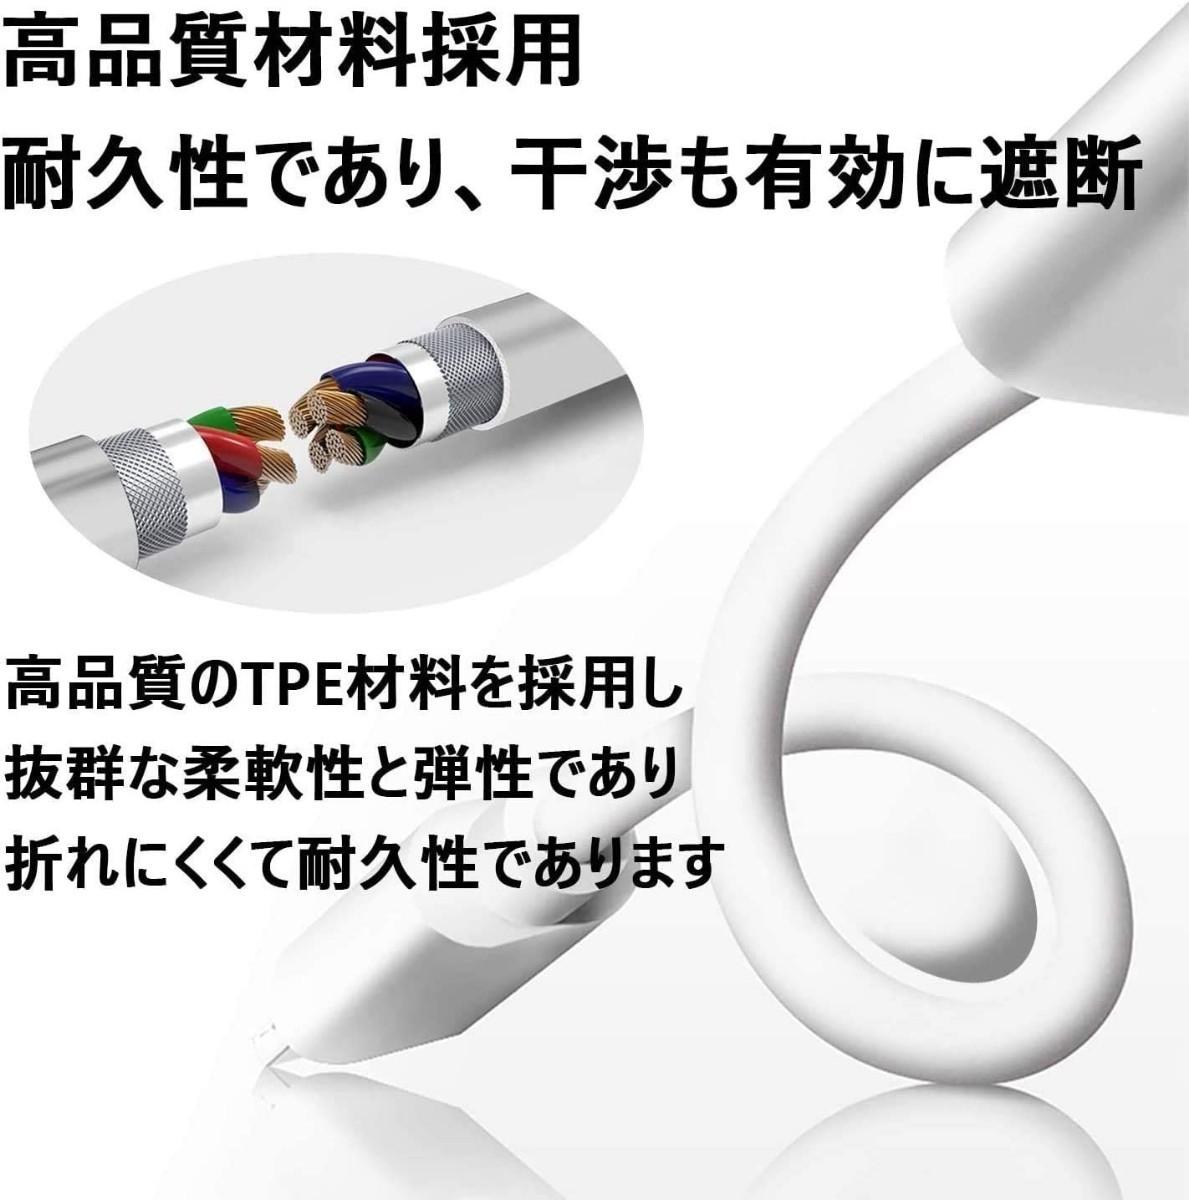 iPhone用 イヤホン 充電 同時 3.5mm 変換アダプタ 2in1 ライトニング 変換ケーブル